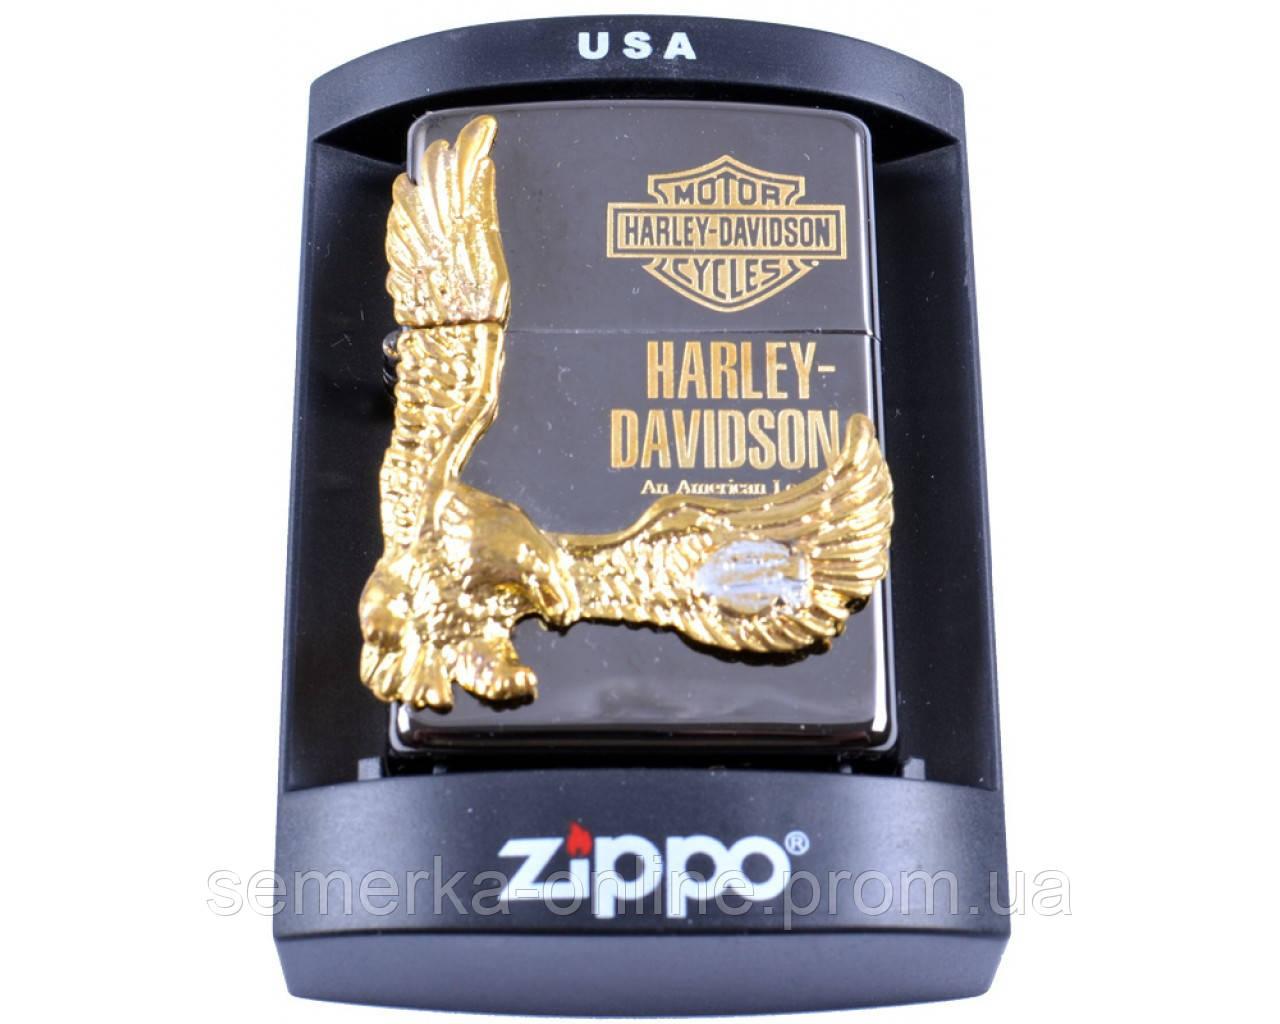 Зажигалка фирменная бензиновая Zippo Harley-Davidson №4208.  Запальничка. Зажигалка очень качественная.